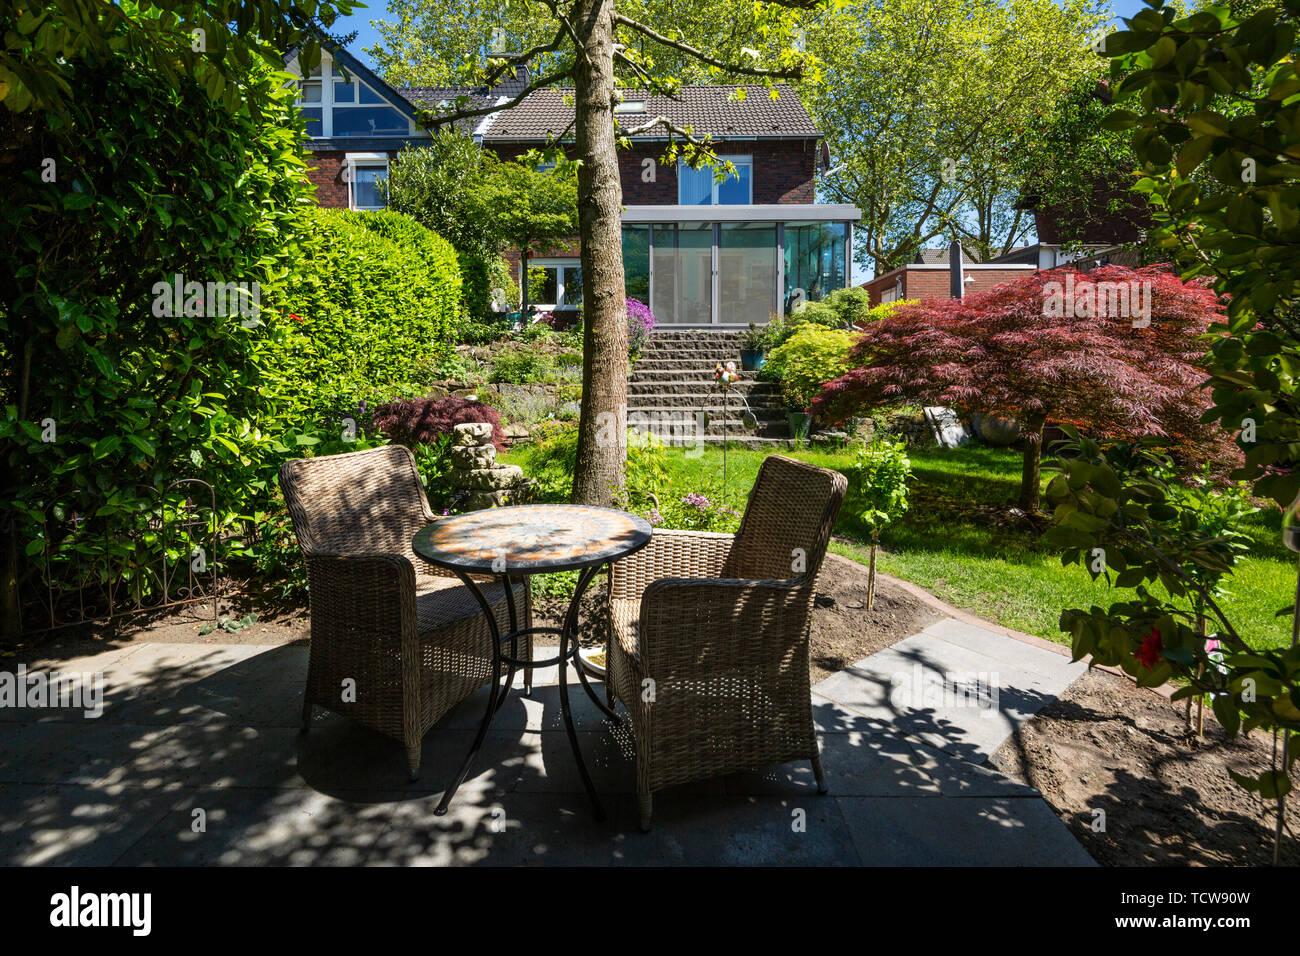 Maison d\'habitation avec jardin d\'hiver, maison unifamiliale, maison ...